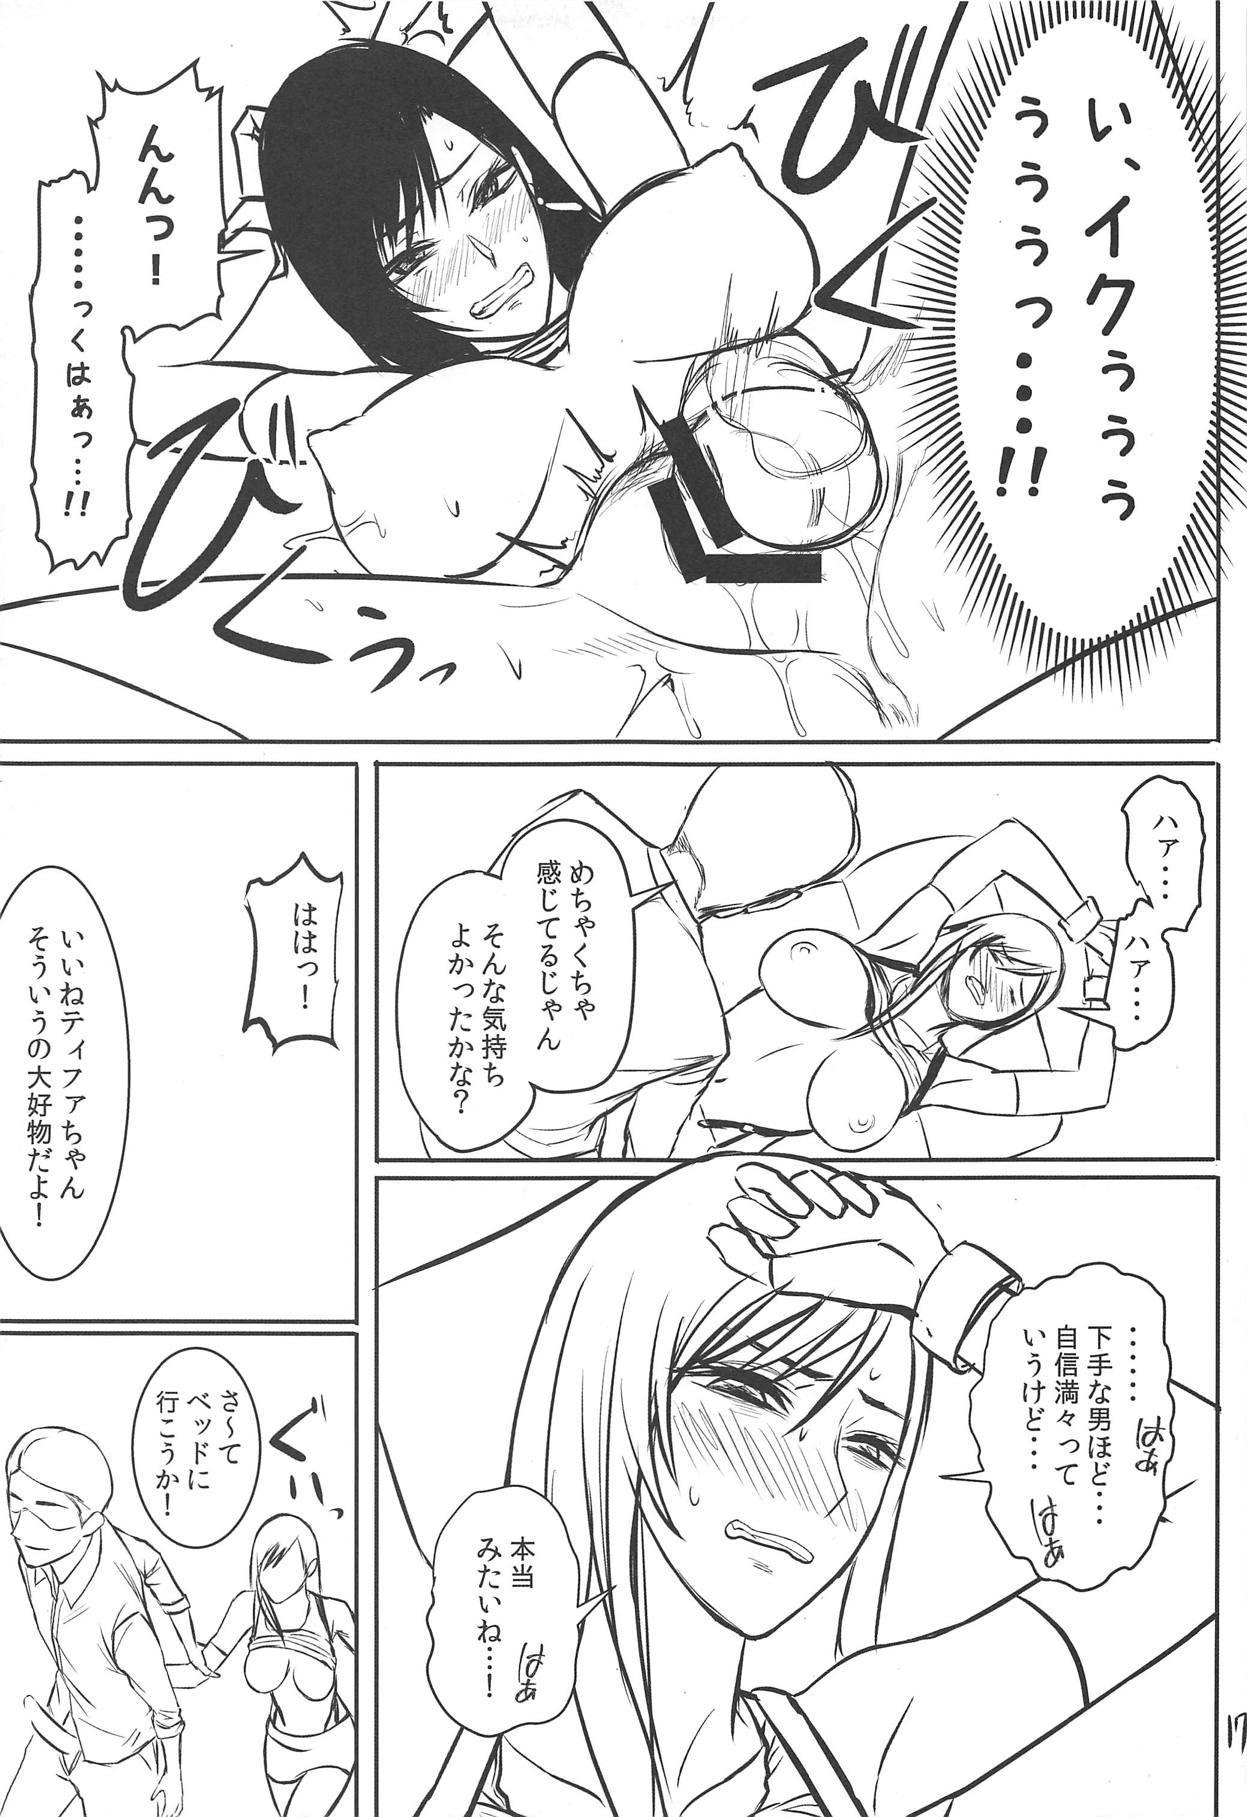 Midgar de Baishun Shitetara Gattsuri Otosareta Ken 17